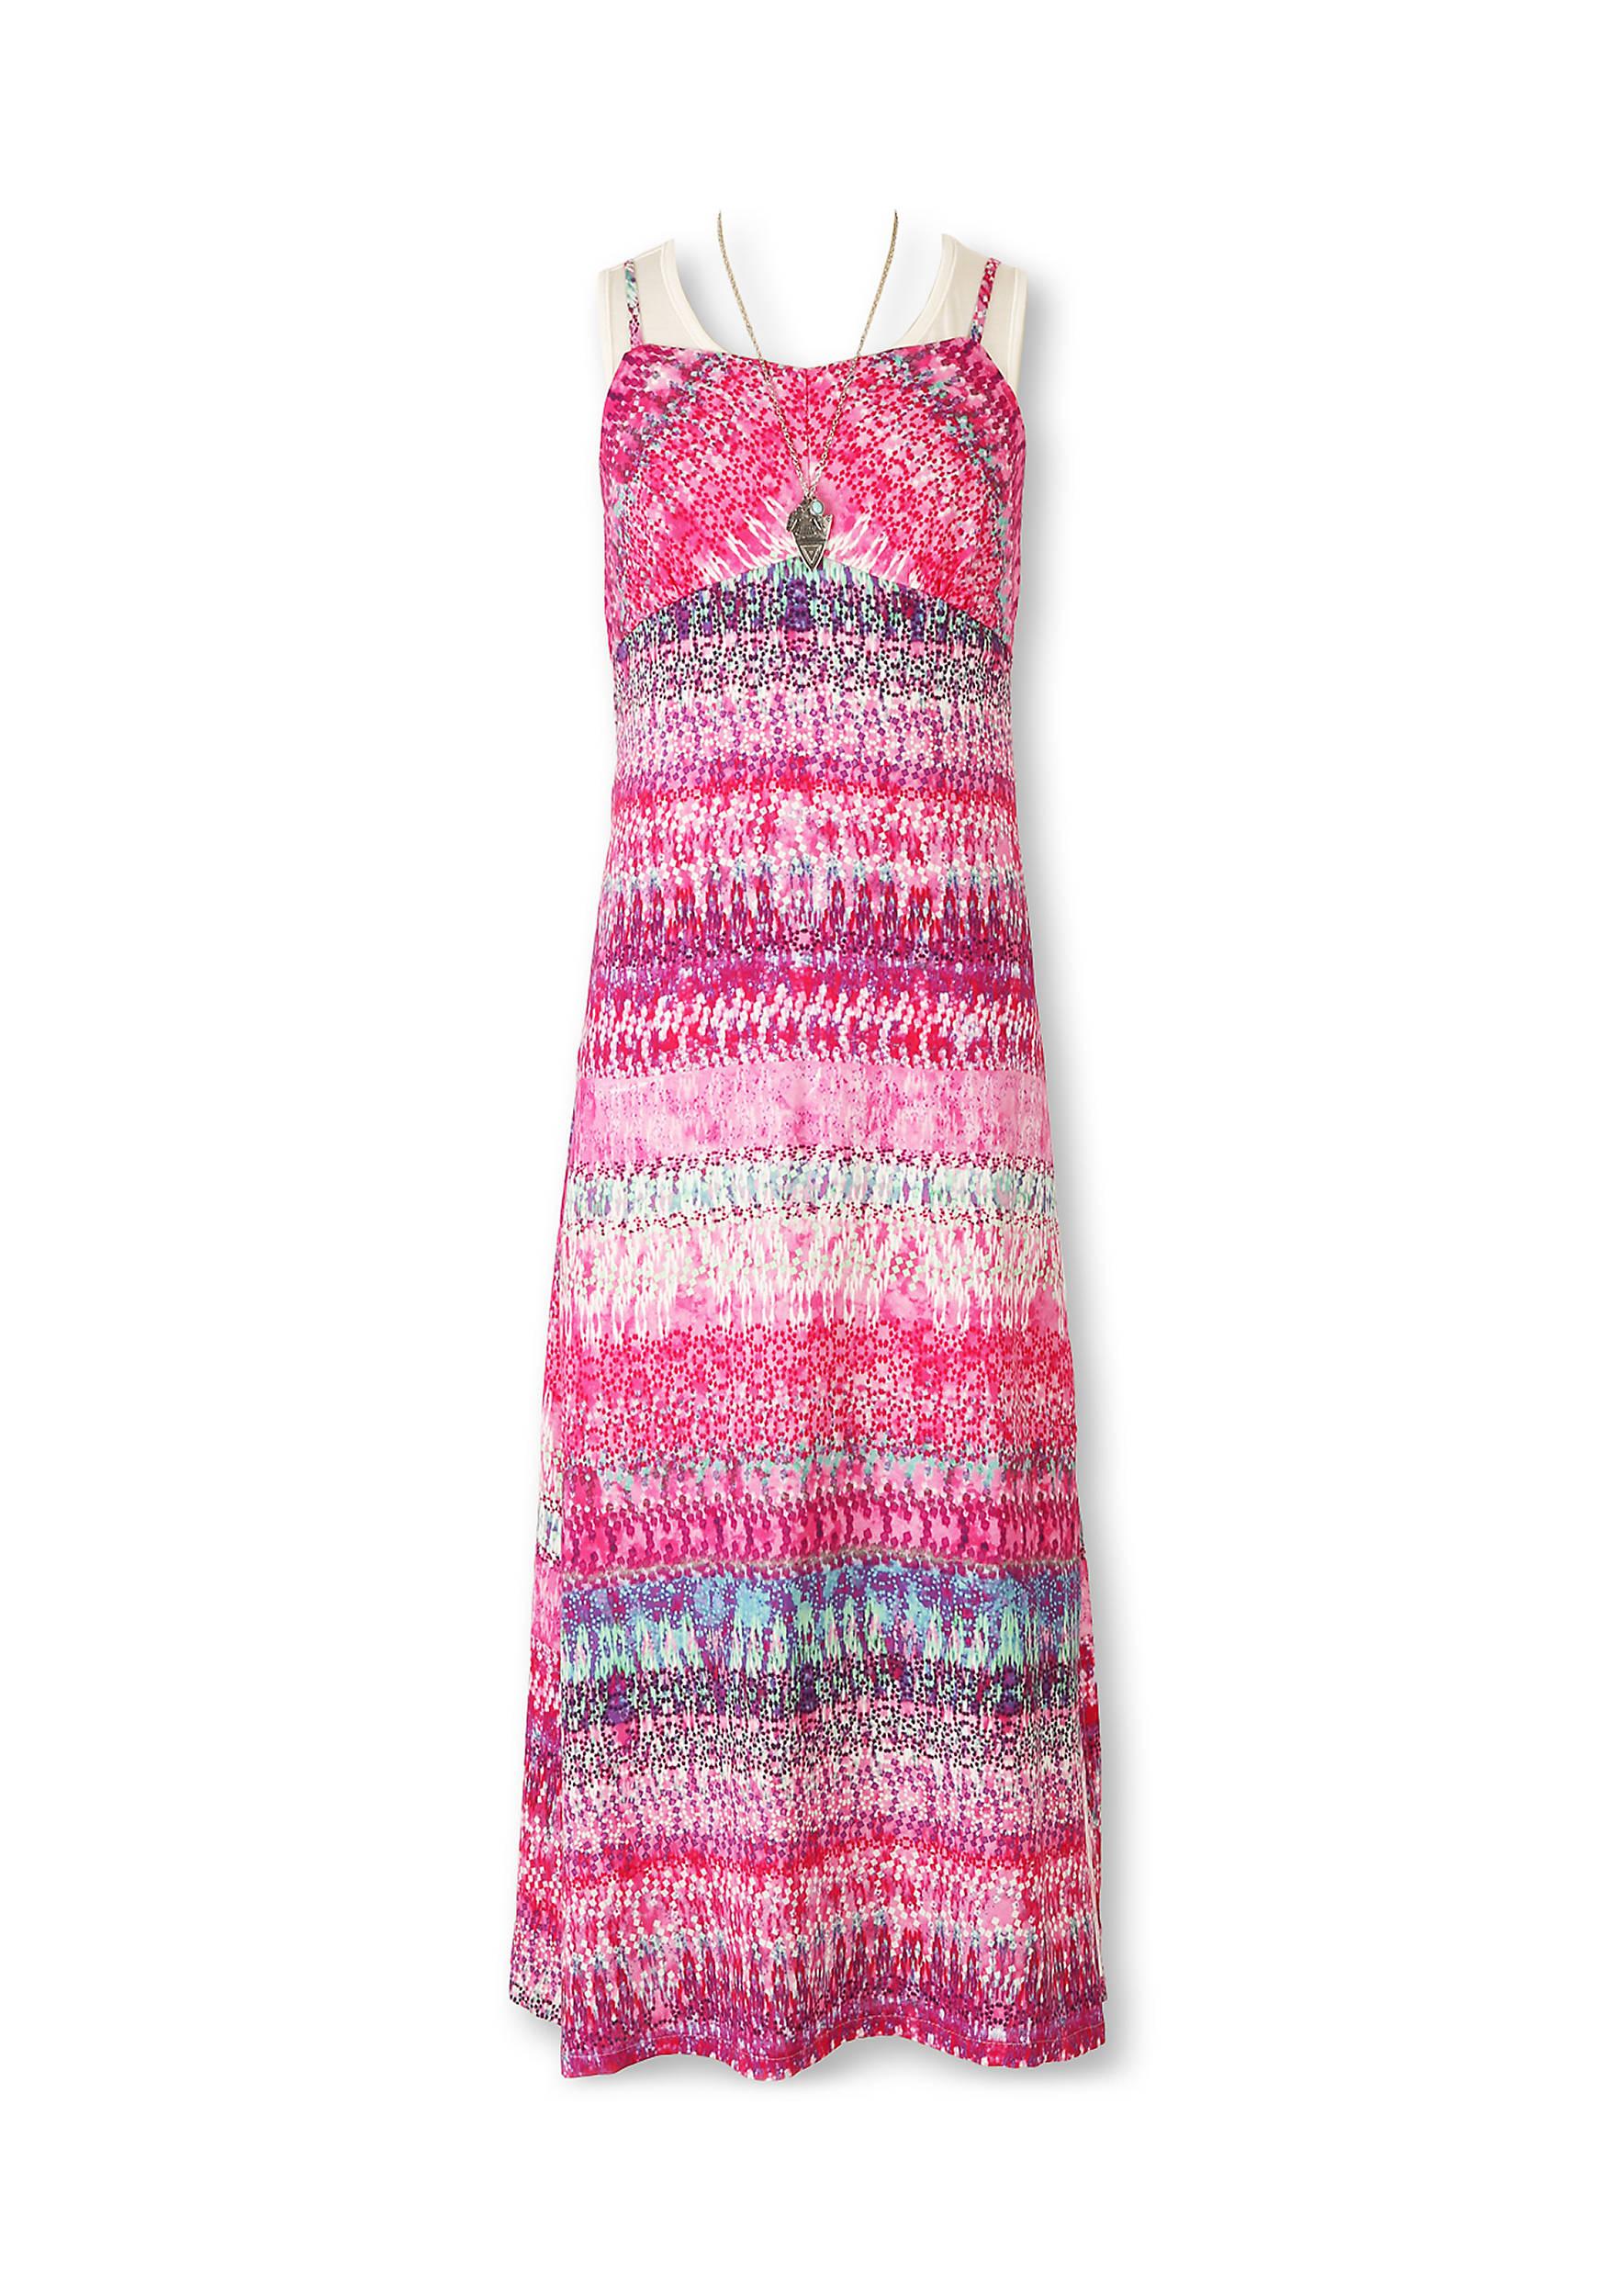 Lujoso Vestido De Fiesta Belk Cresta - Colección de Vestidos de Boda ...